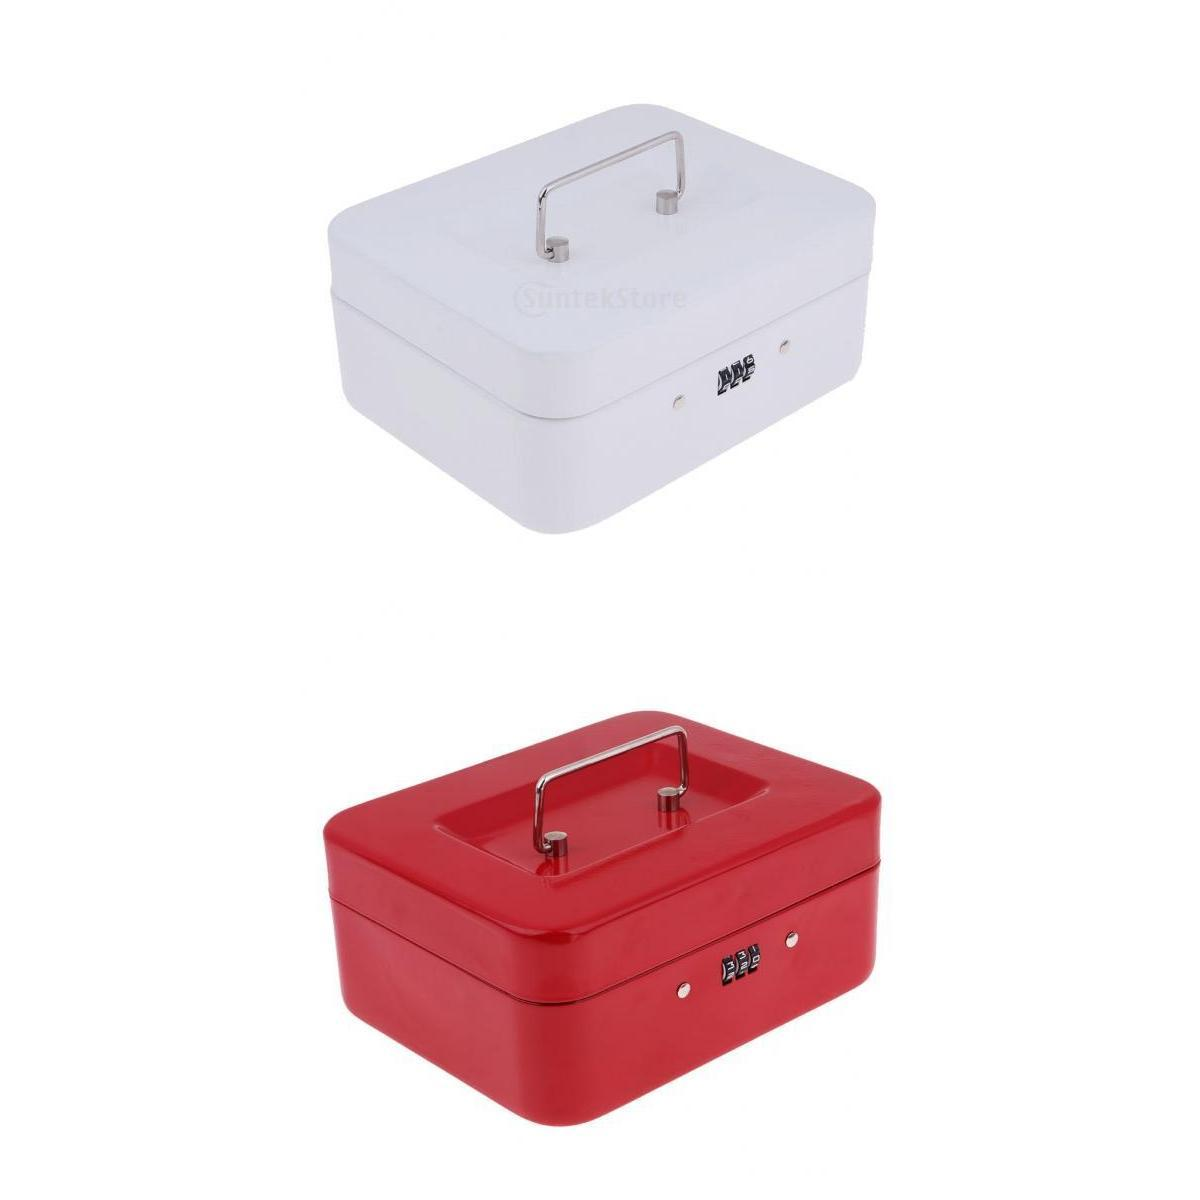 Money Box 2pcs Mini Cash Box Banco Piggy com fechamento de combinação para a Segurança